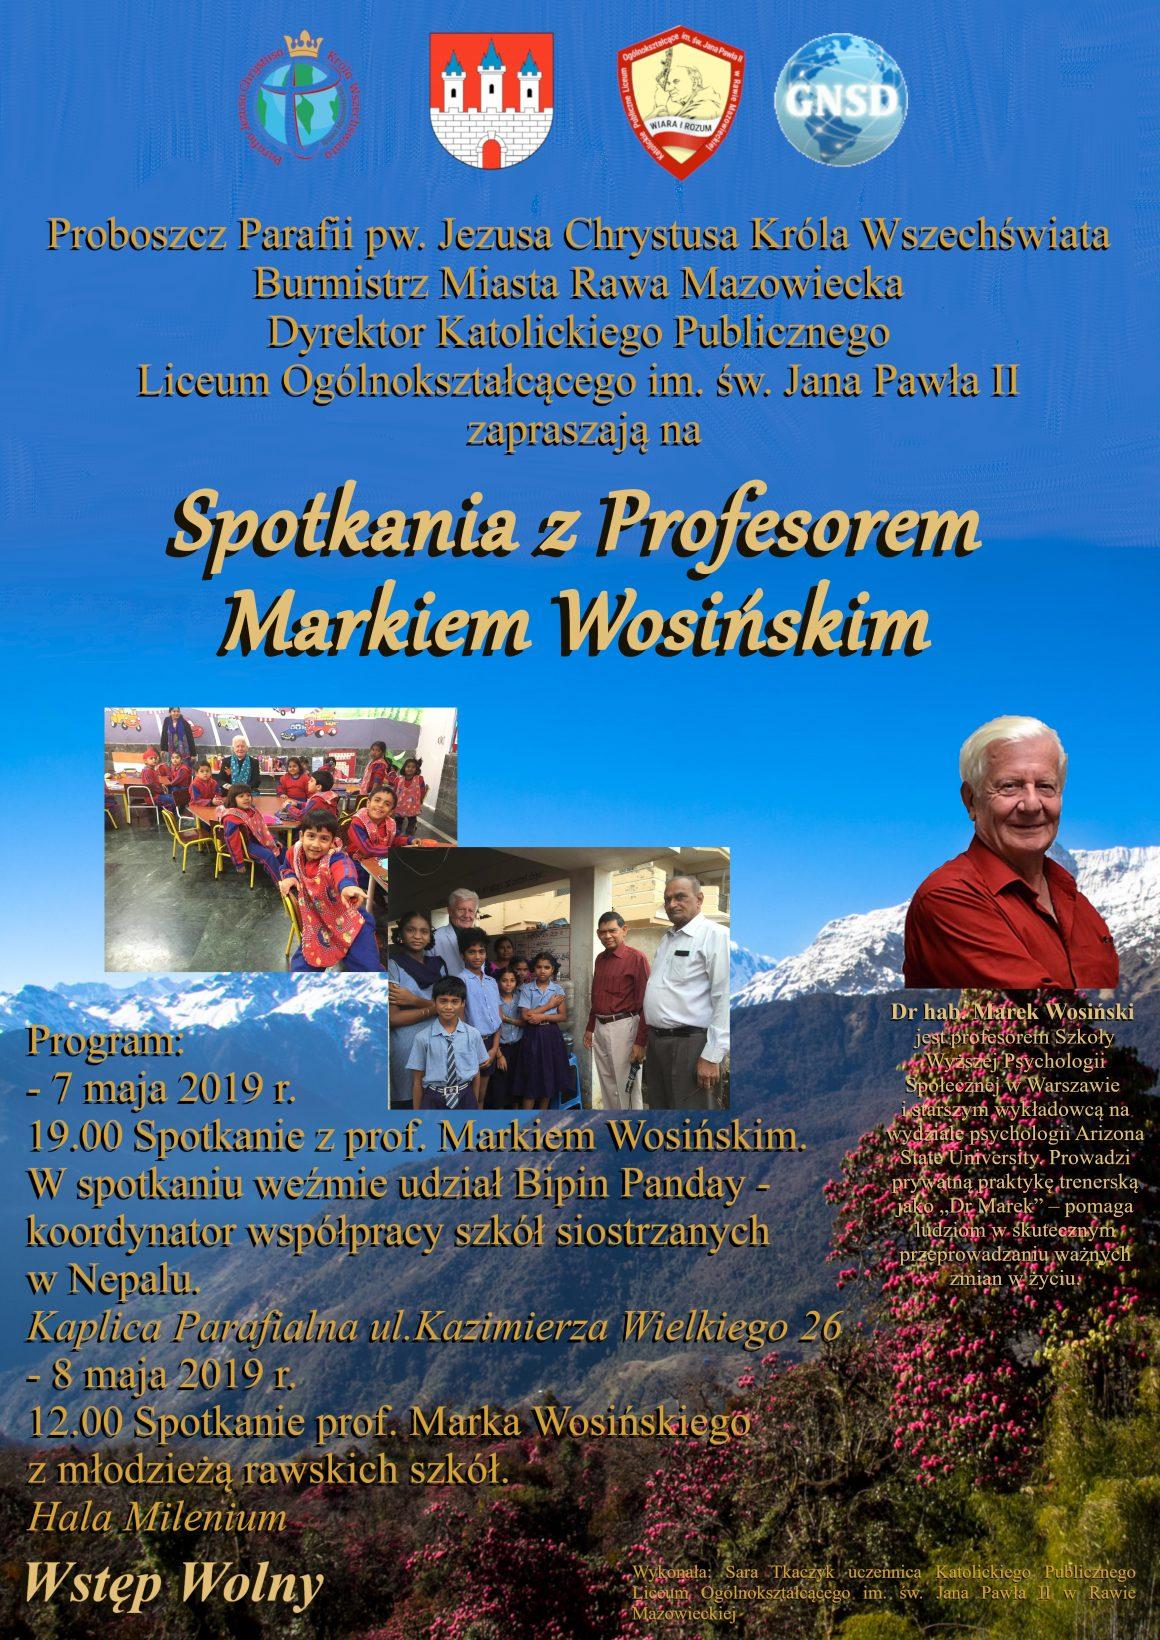 Spotkanie zprofesorem Markiem Wosińskim